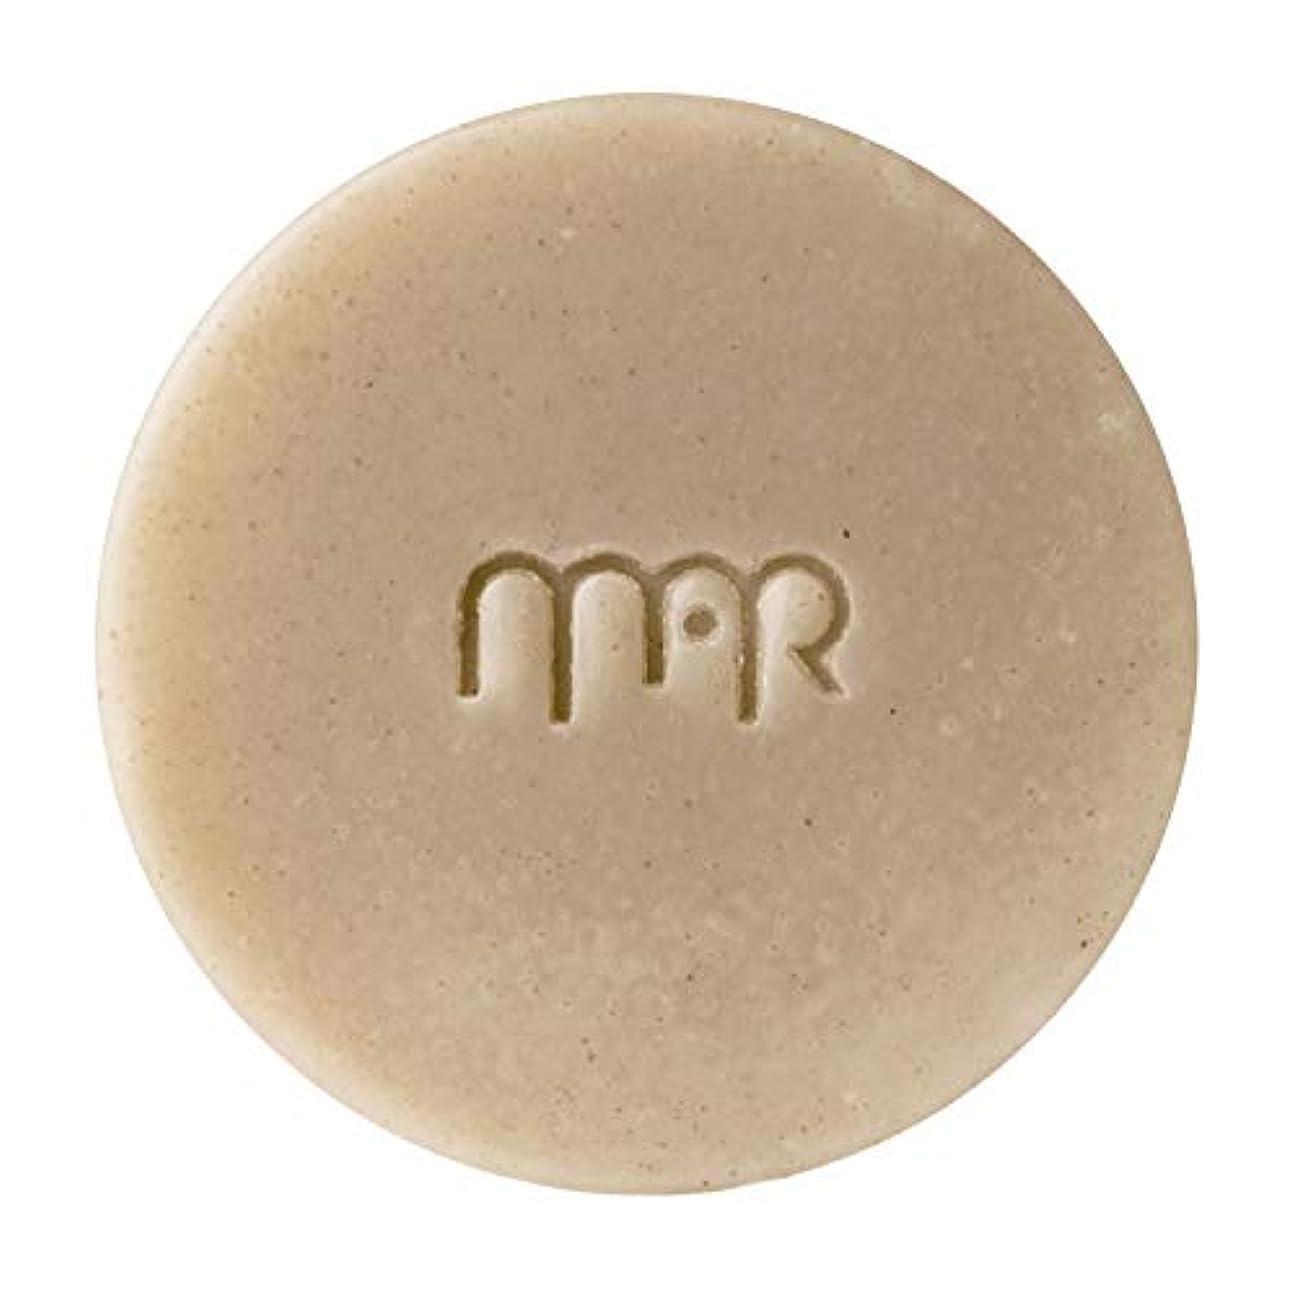 最終的に調停者感謝祭マールアペラル (MARapelar) オーガニッククレイ石鹸(大) 80g / 約30日分